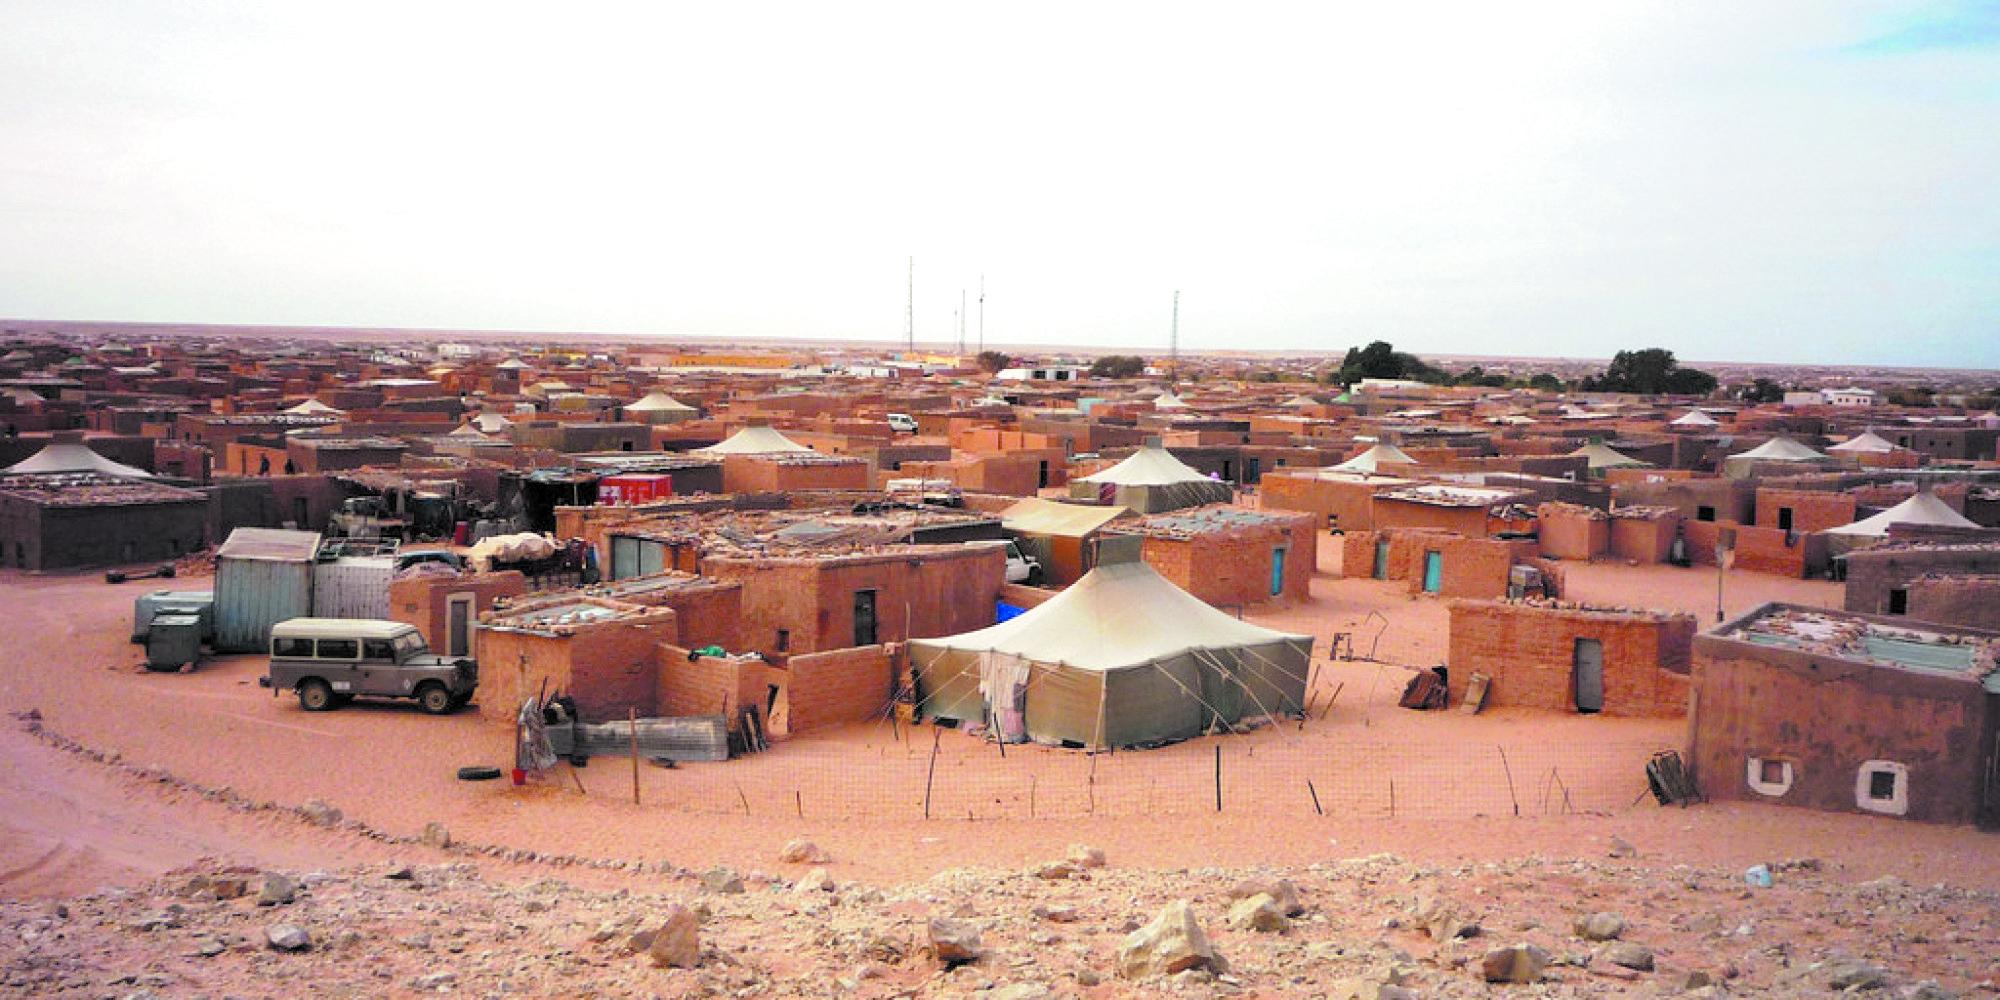 Camps de Tindouf : Les nouvelles technologies, nouvel ennemi de la direction du Polisario